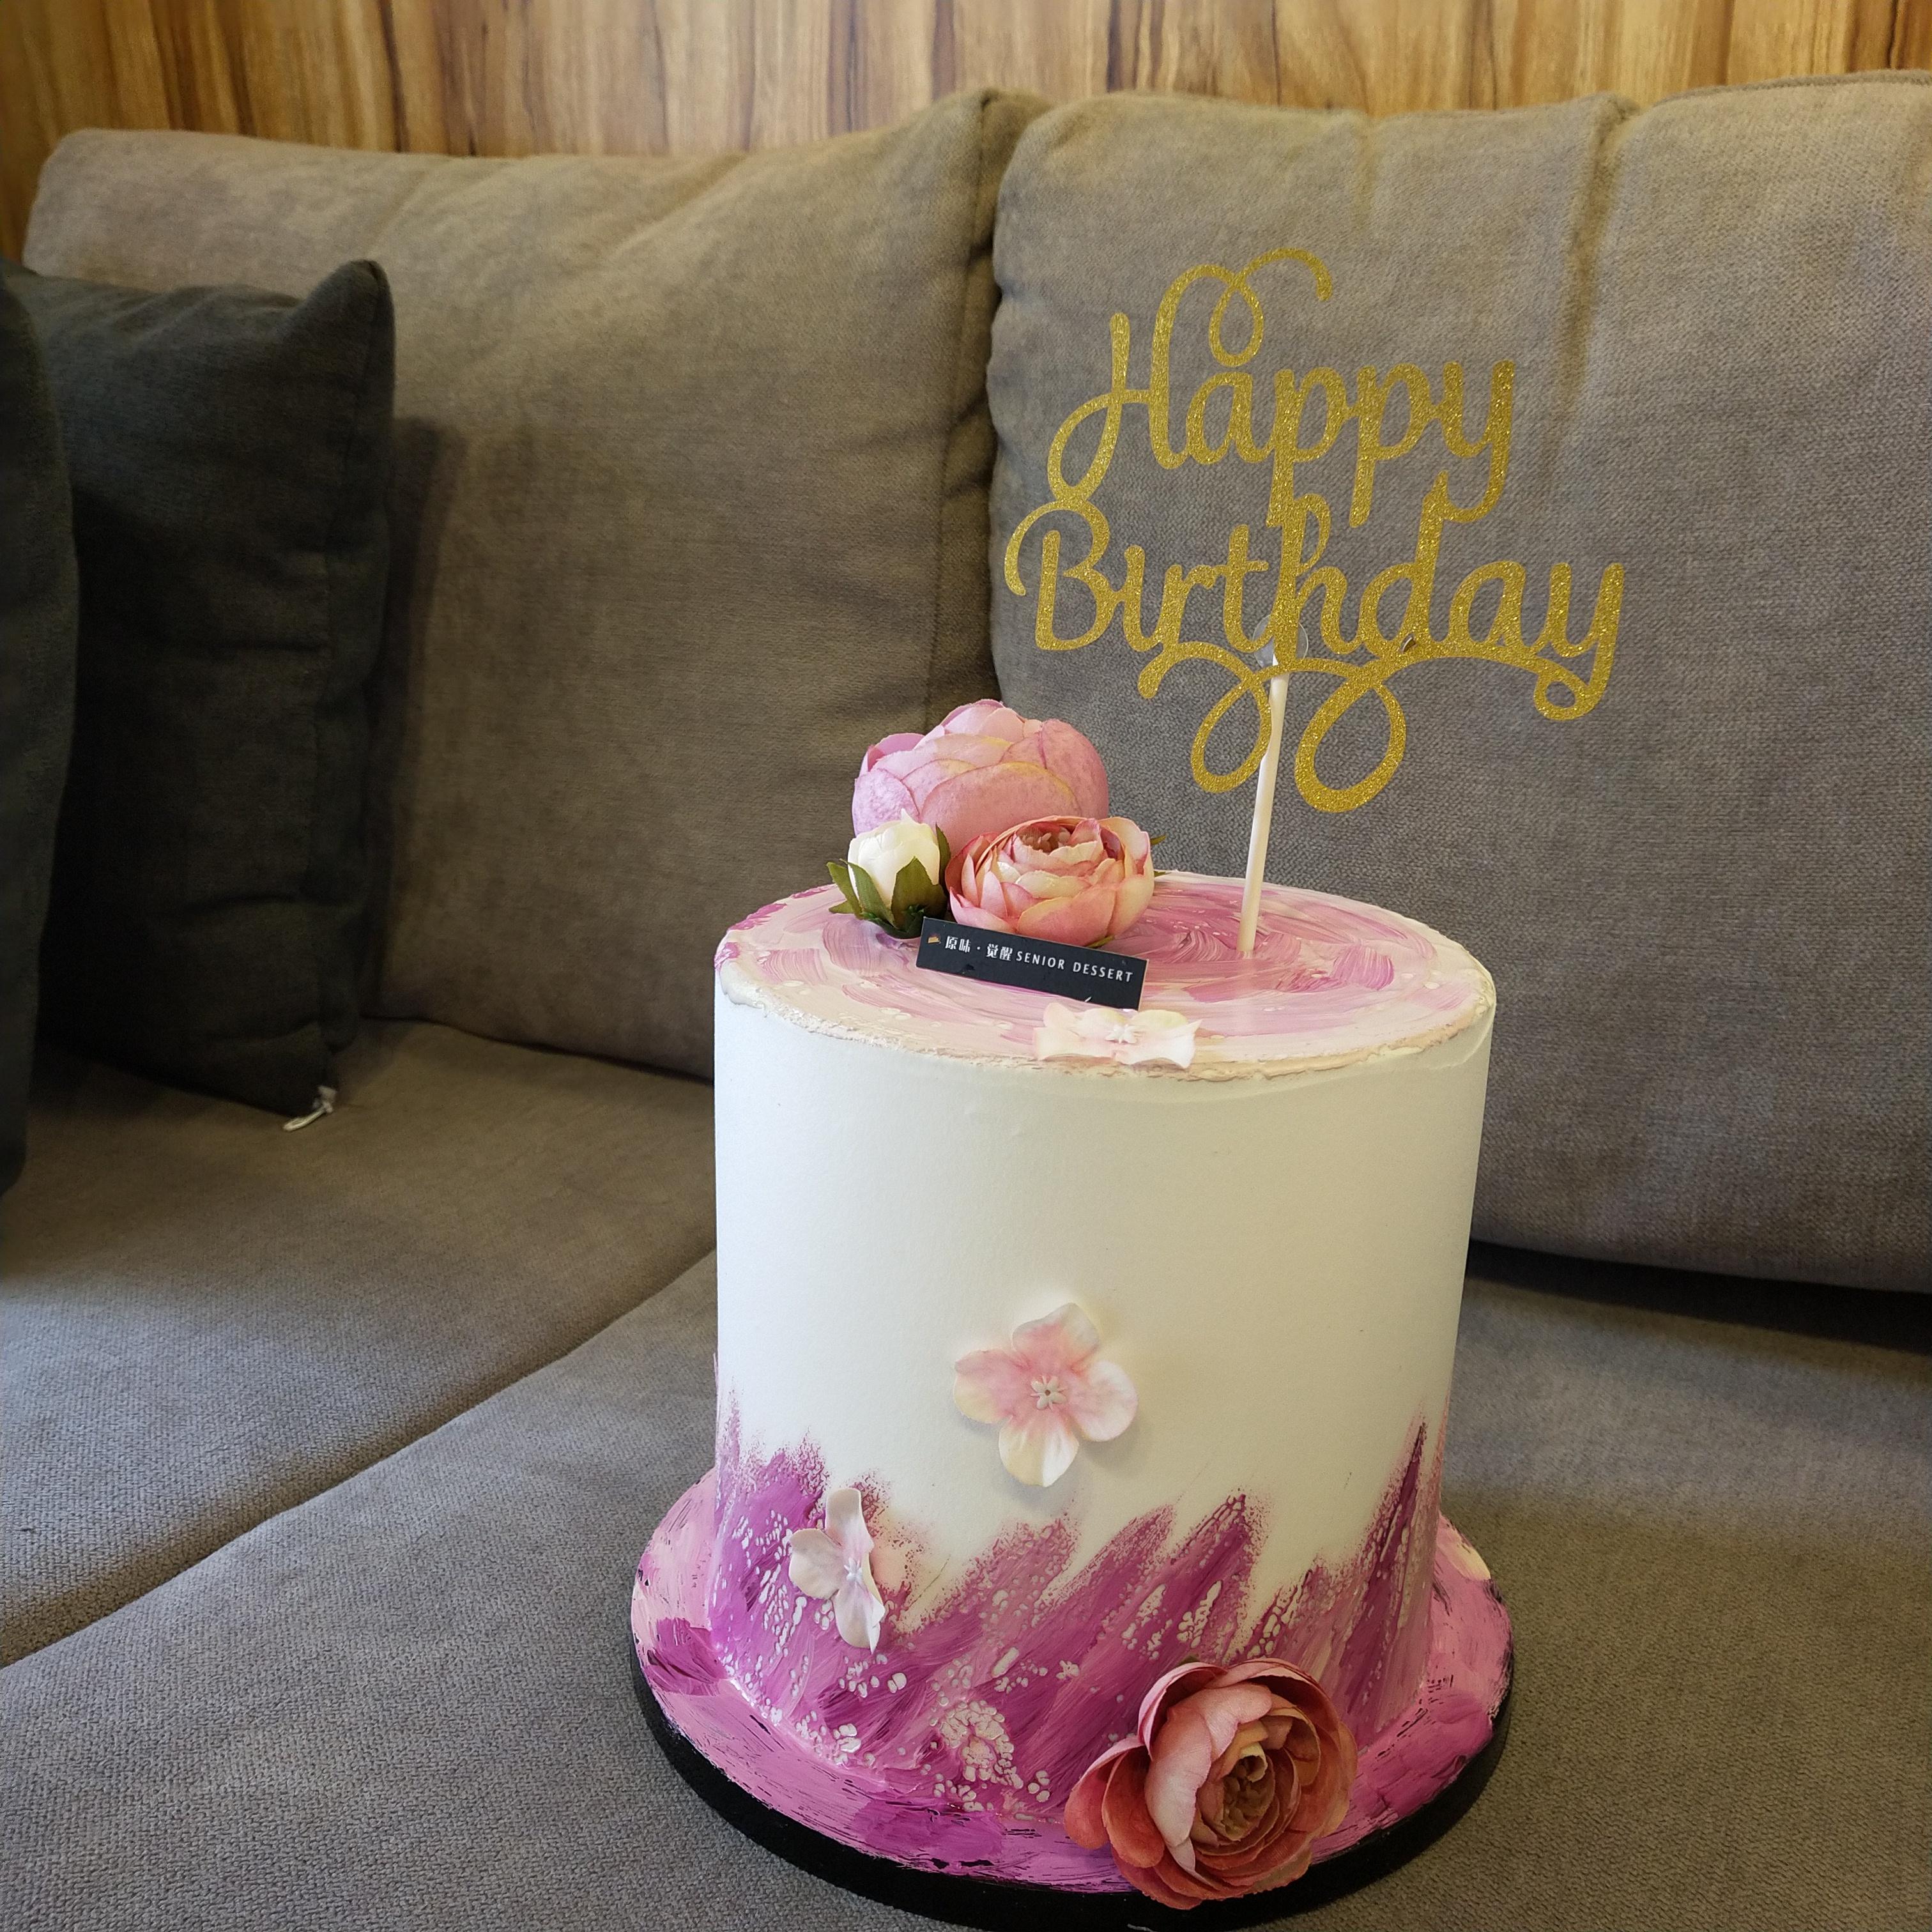 定制各类裱花蛋糕,鲜花蛋糕,韩式蛋糕,手绘蛋糕,水果蛋糕,流行风蛋糕